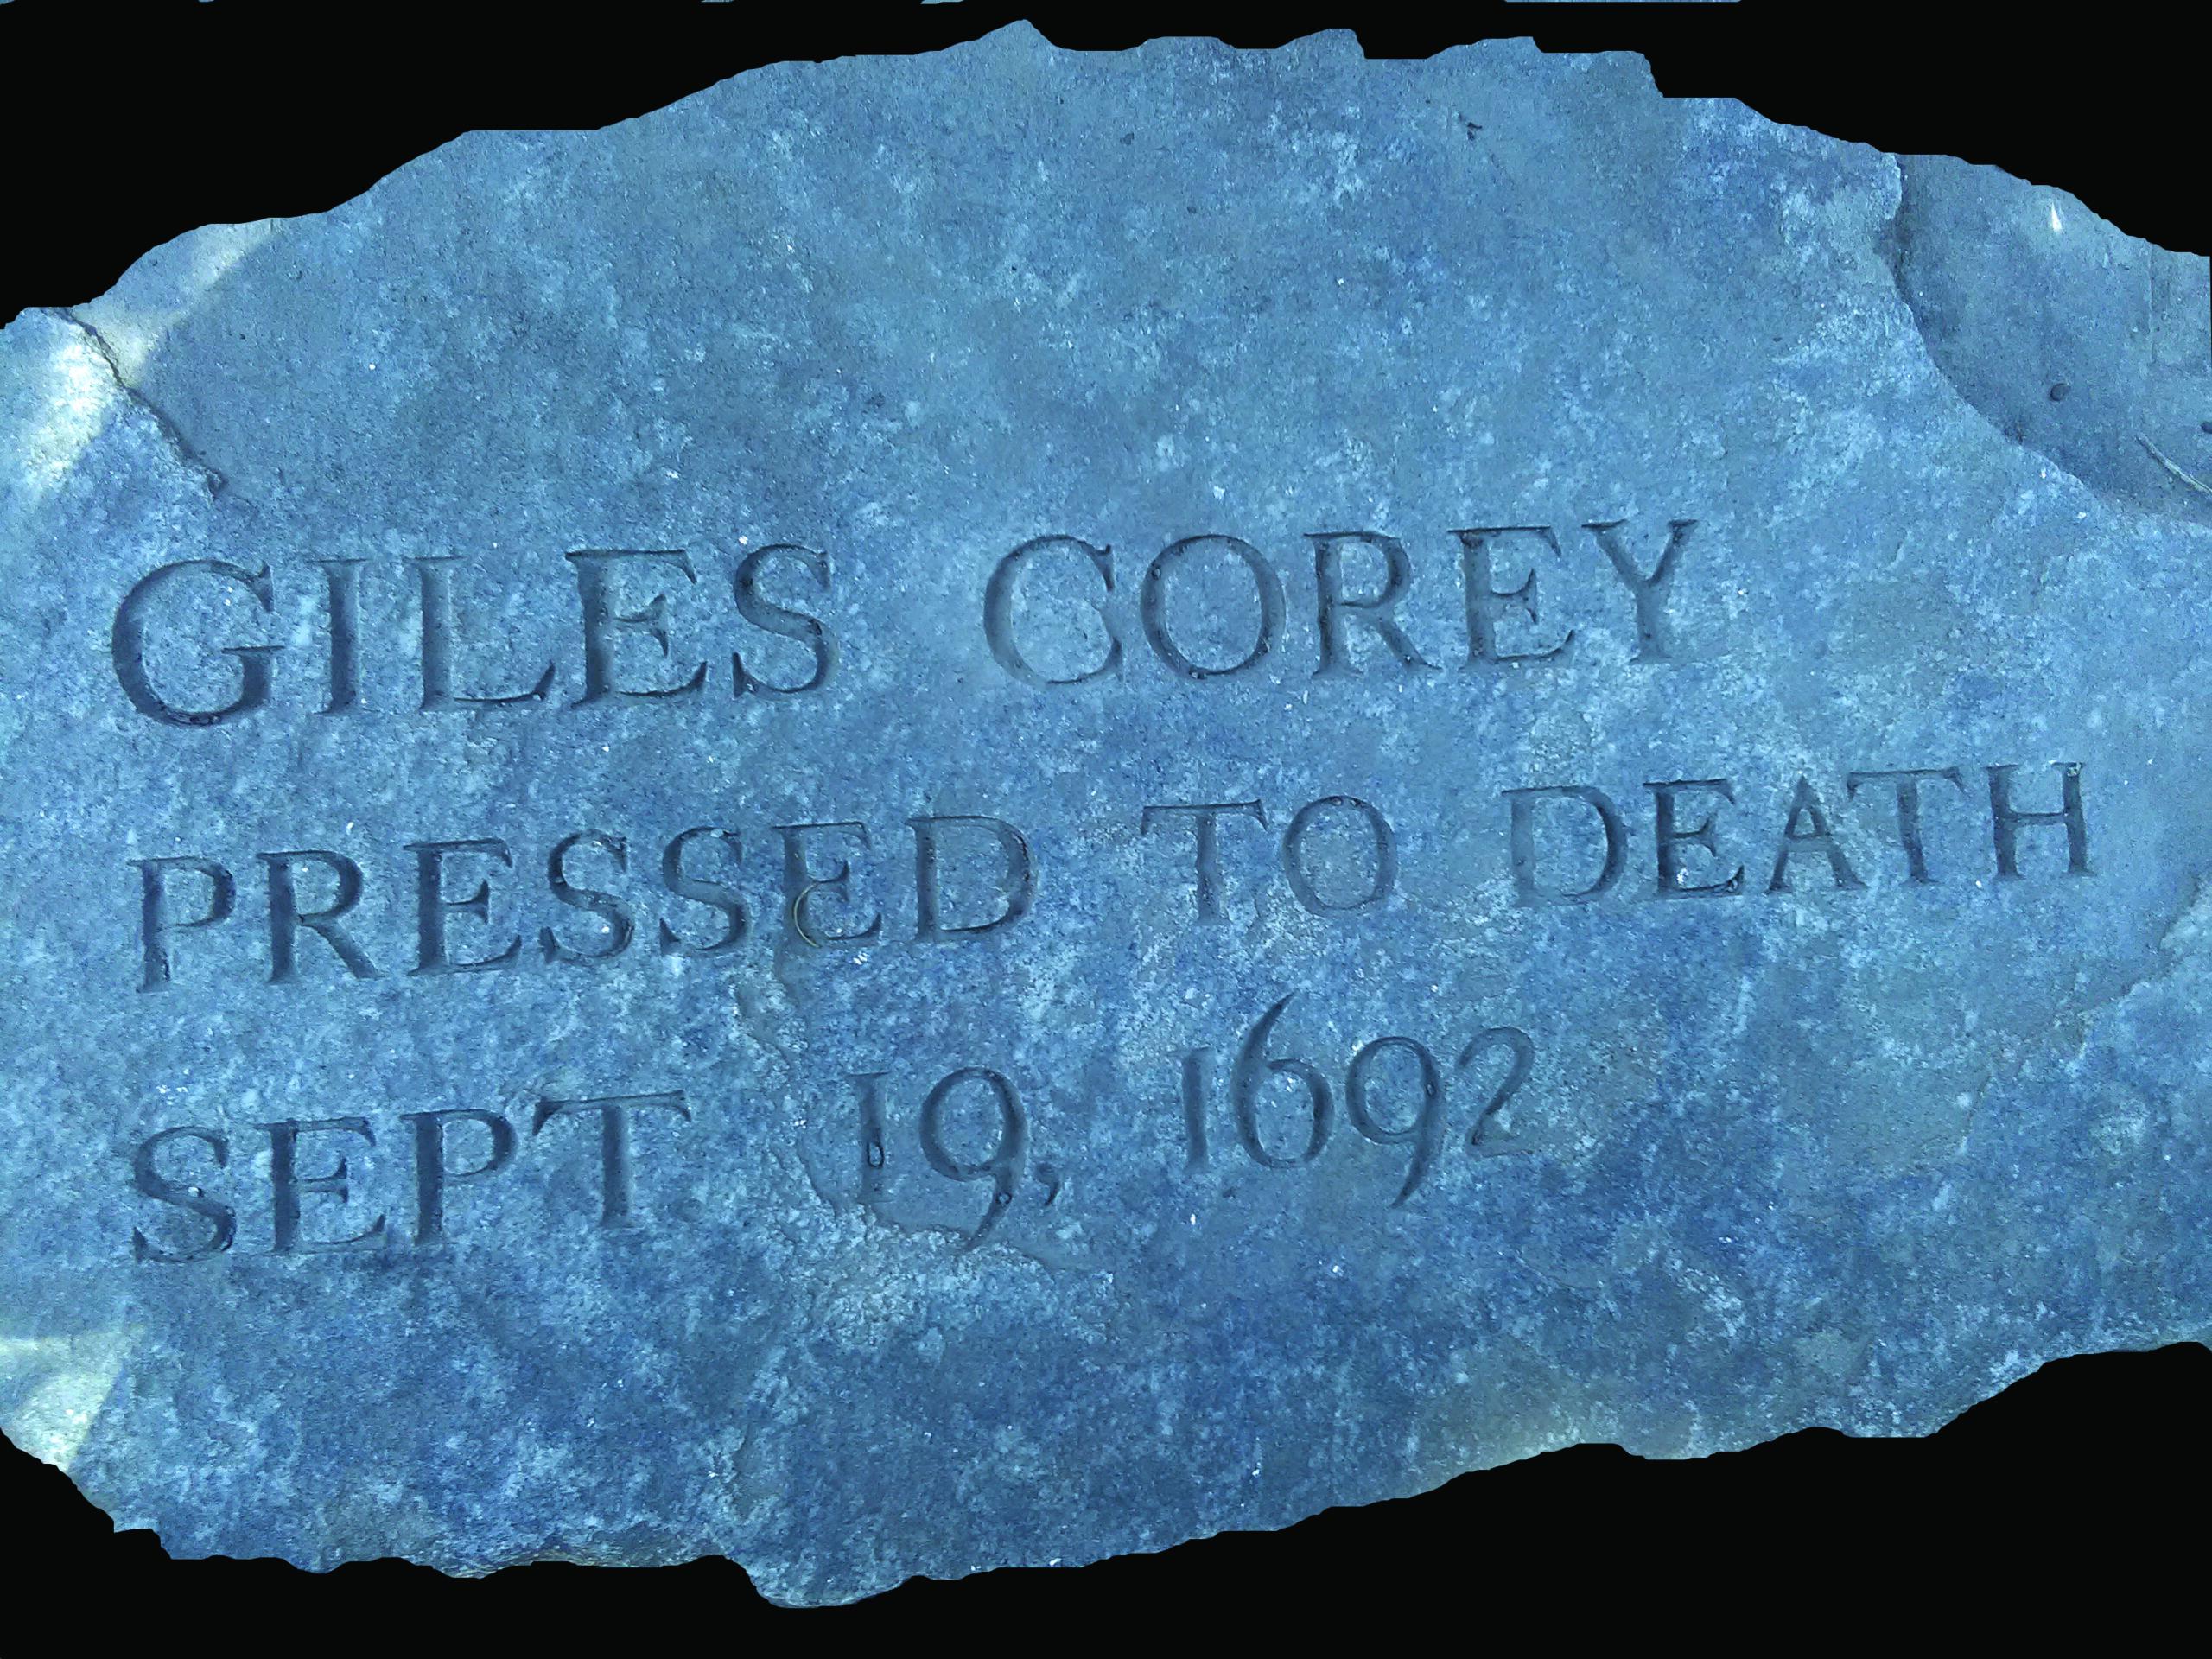 Giles Corey Memorial